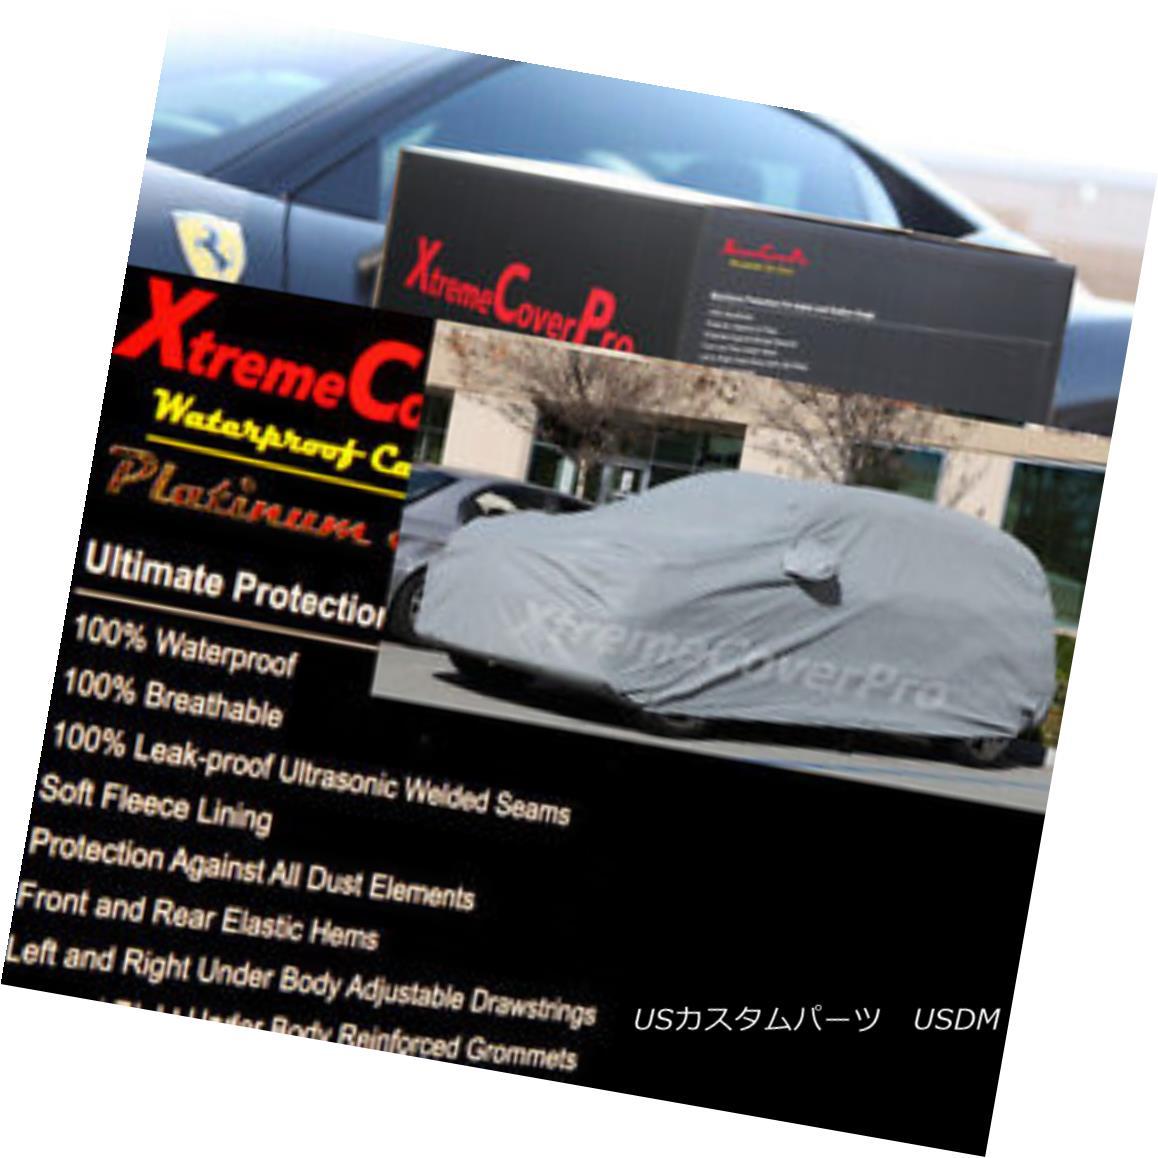 カーカバー 2010 2011 2012 Toyota FJ Cruiser Waterproof Car Cover w/MirrorPocket 2010年2011年トヨタFJクルーザー防水カーカバー付きMirrorPocket